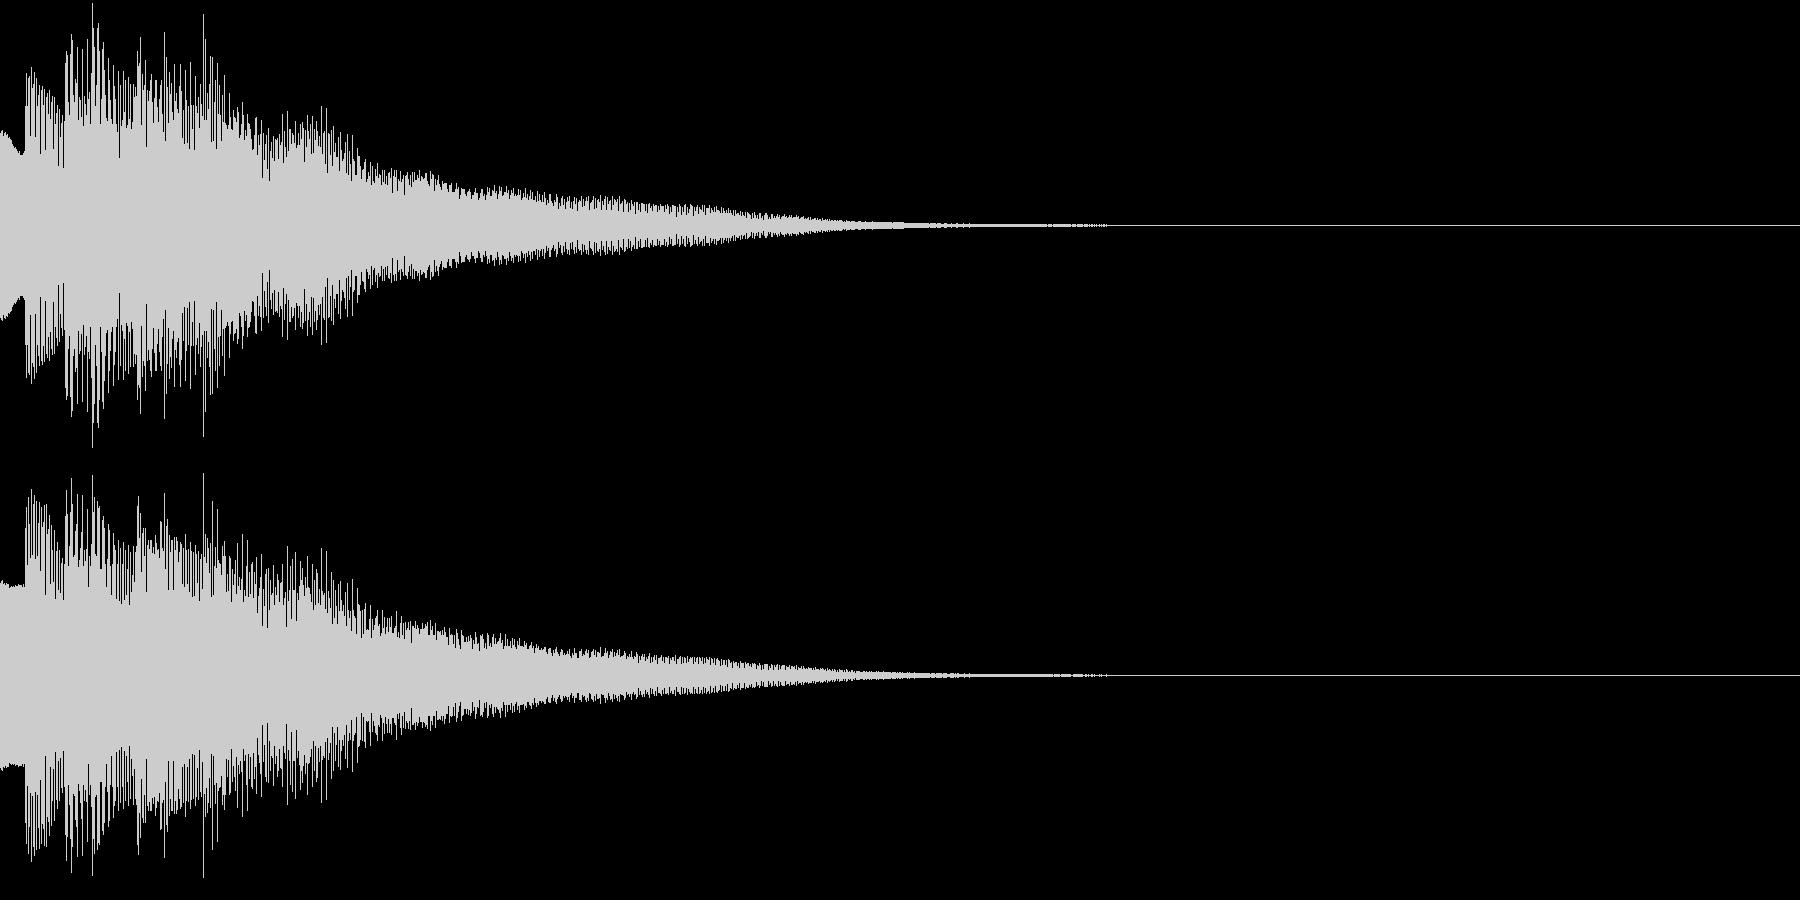 不思議な感じのジングル 場面転換 2の未再生の波形